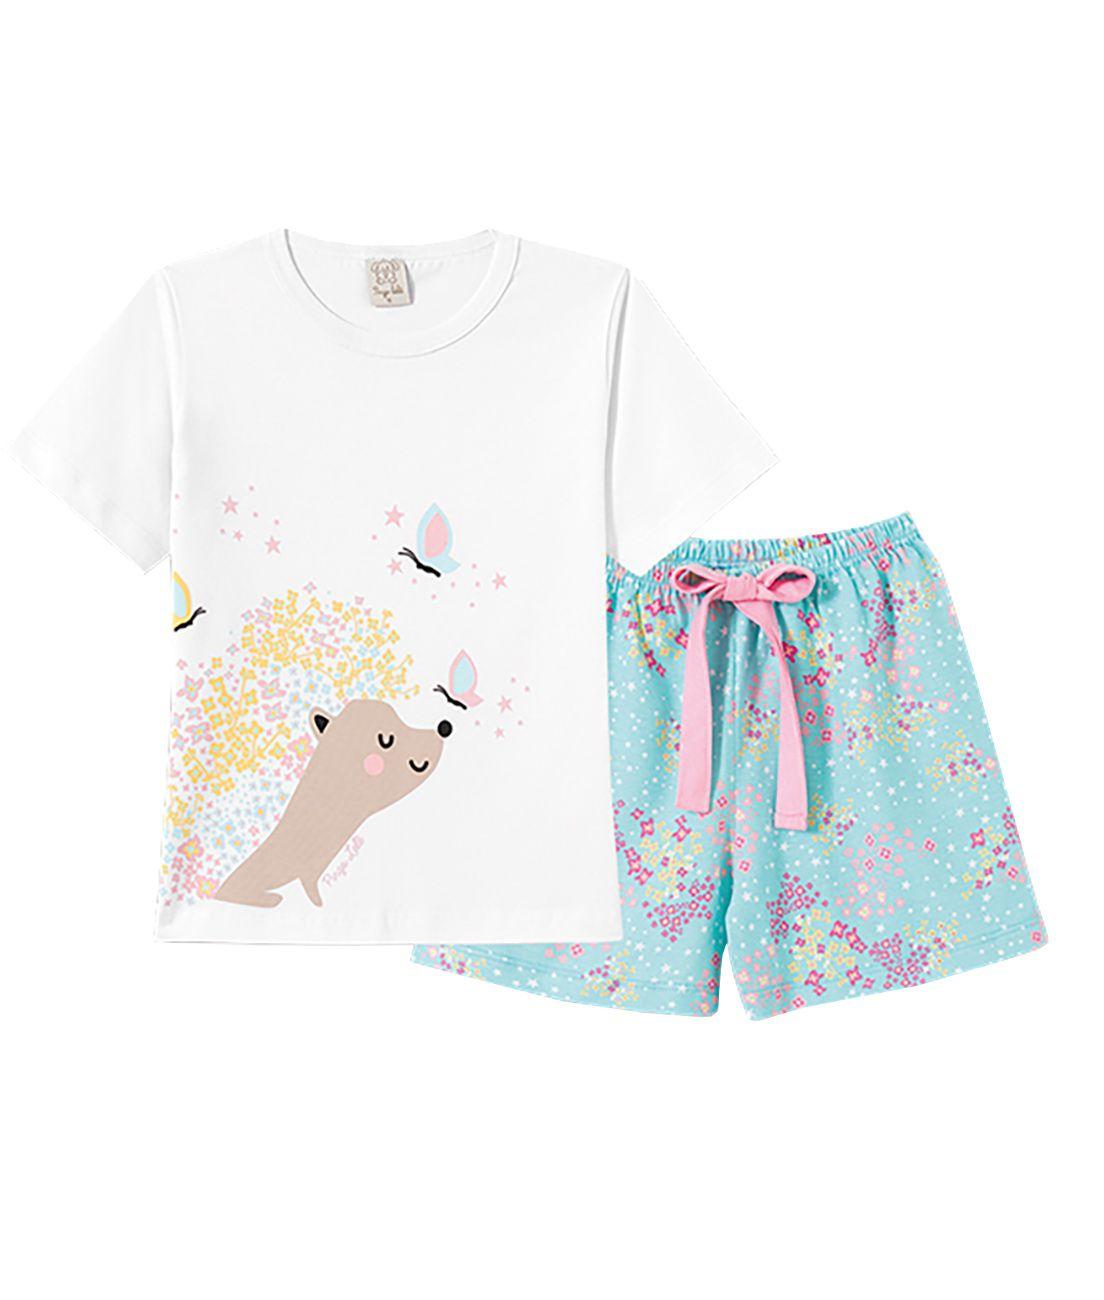 Pijama  Infantil Pingo Lelê Manga Curta Mãe e Filha Flores e Estrelas Branco